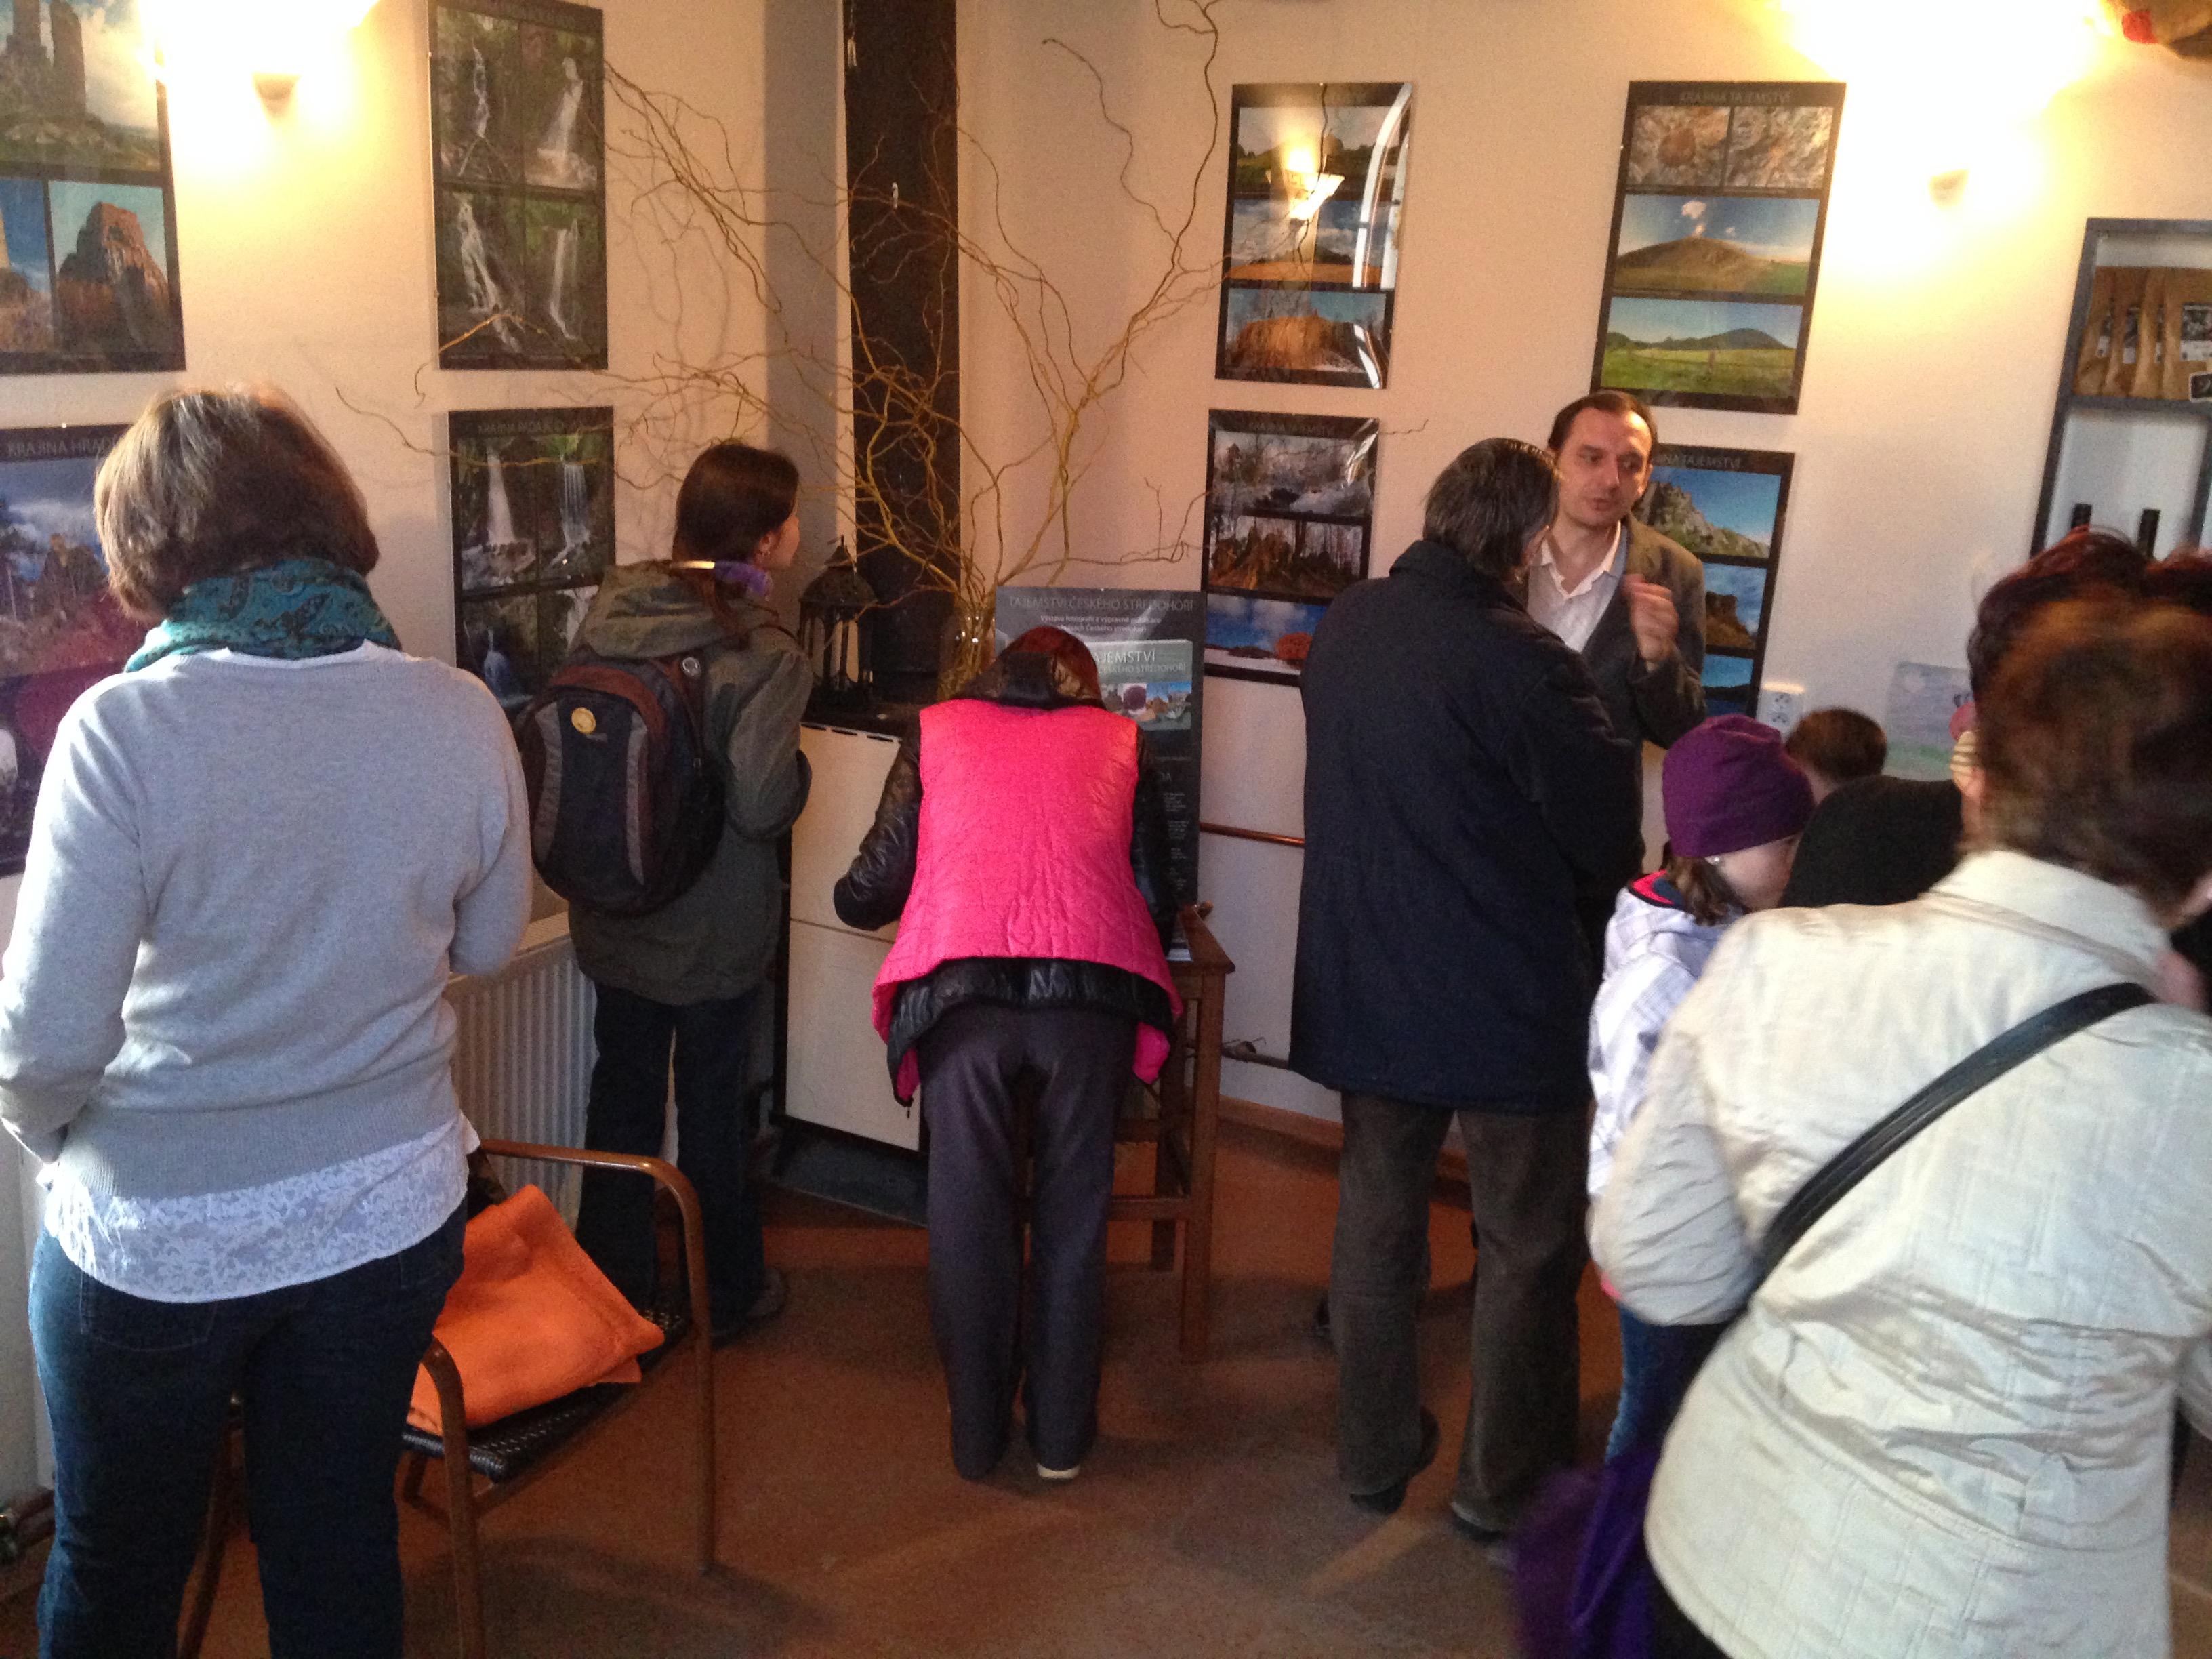 Vernisáž výstavy fotografií v kavárně FÉR kafe